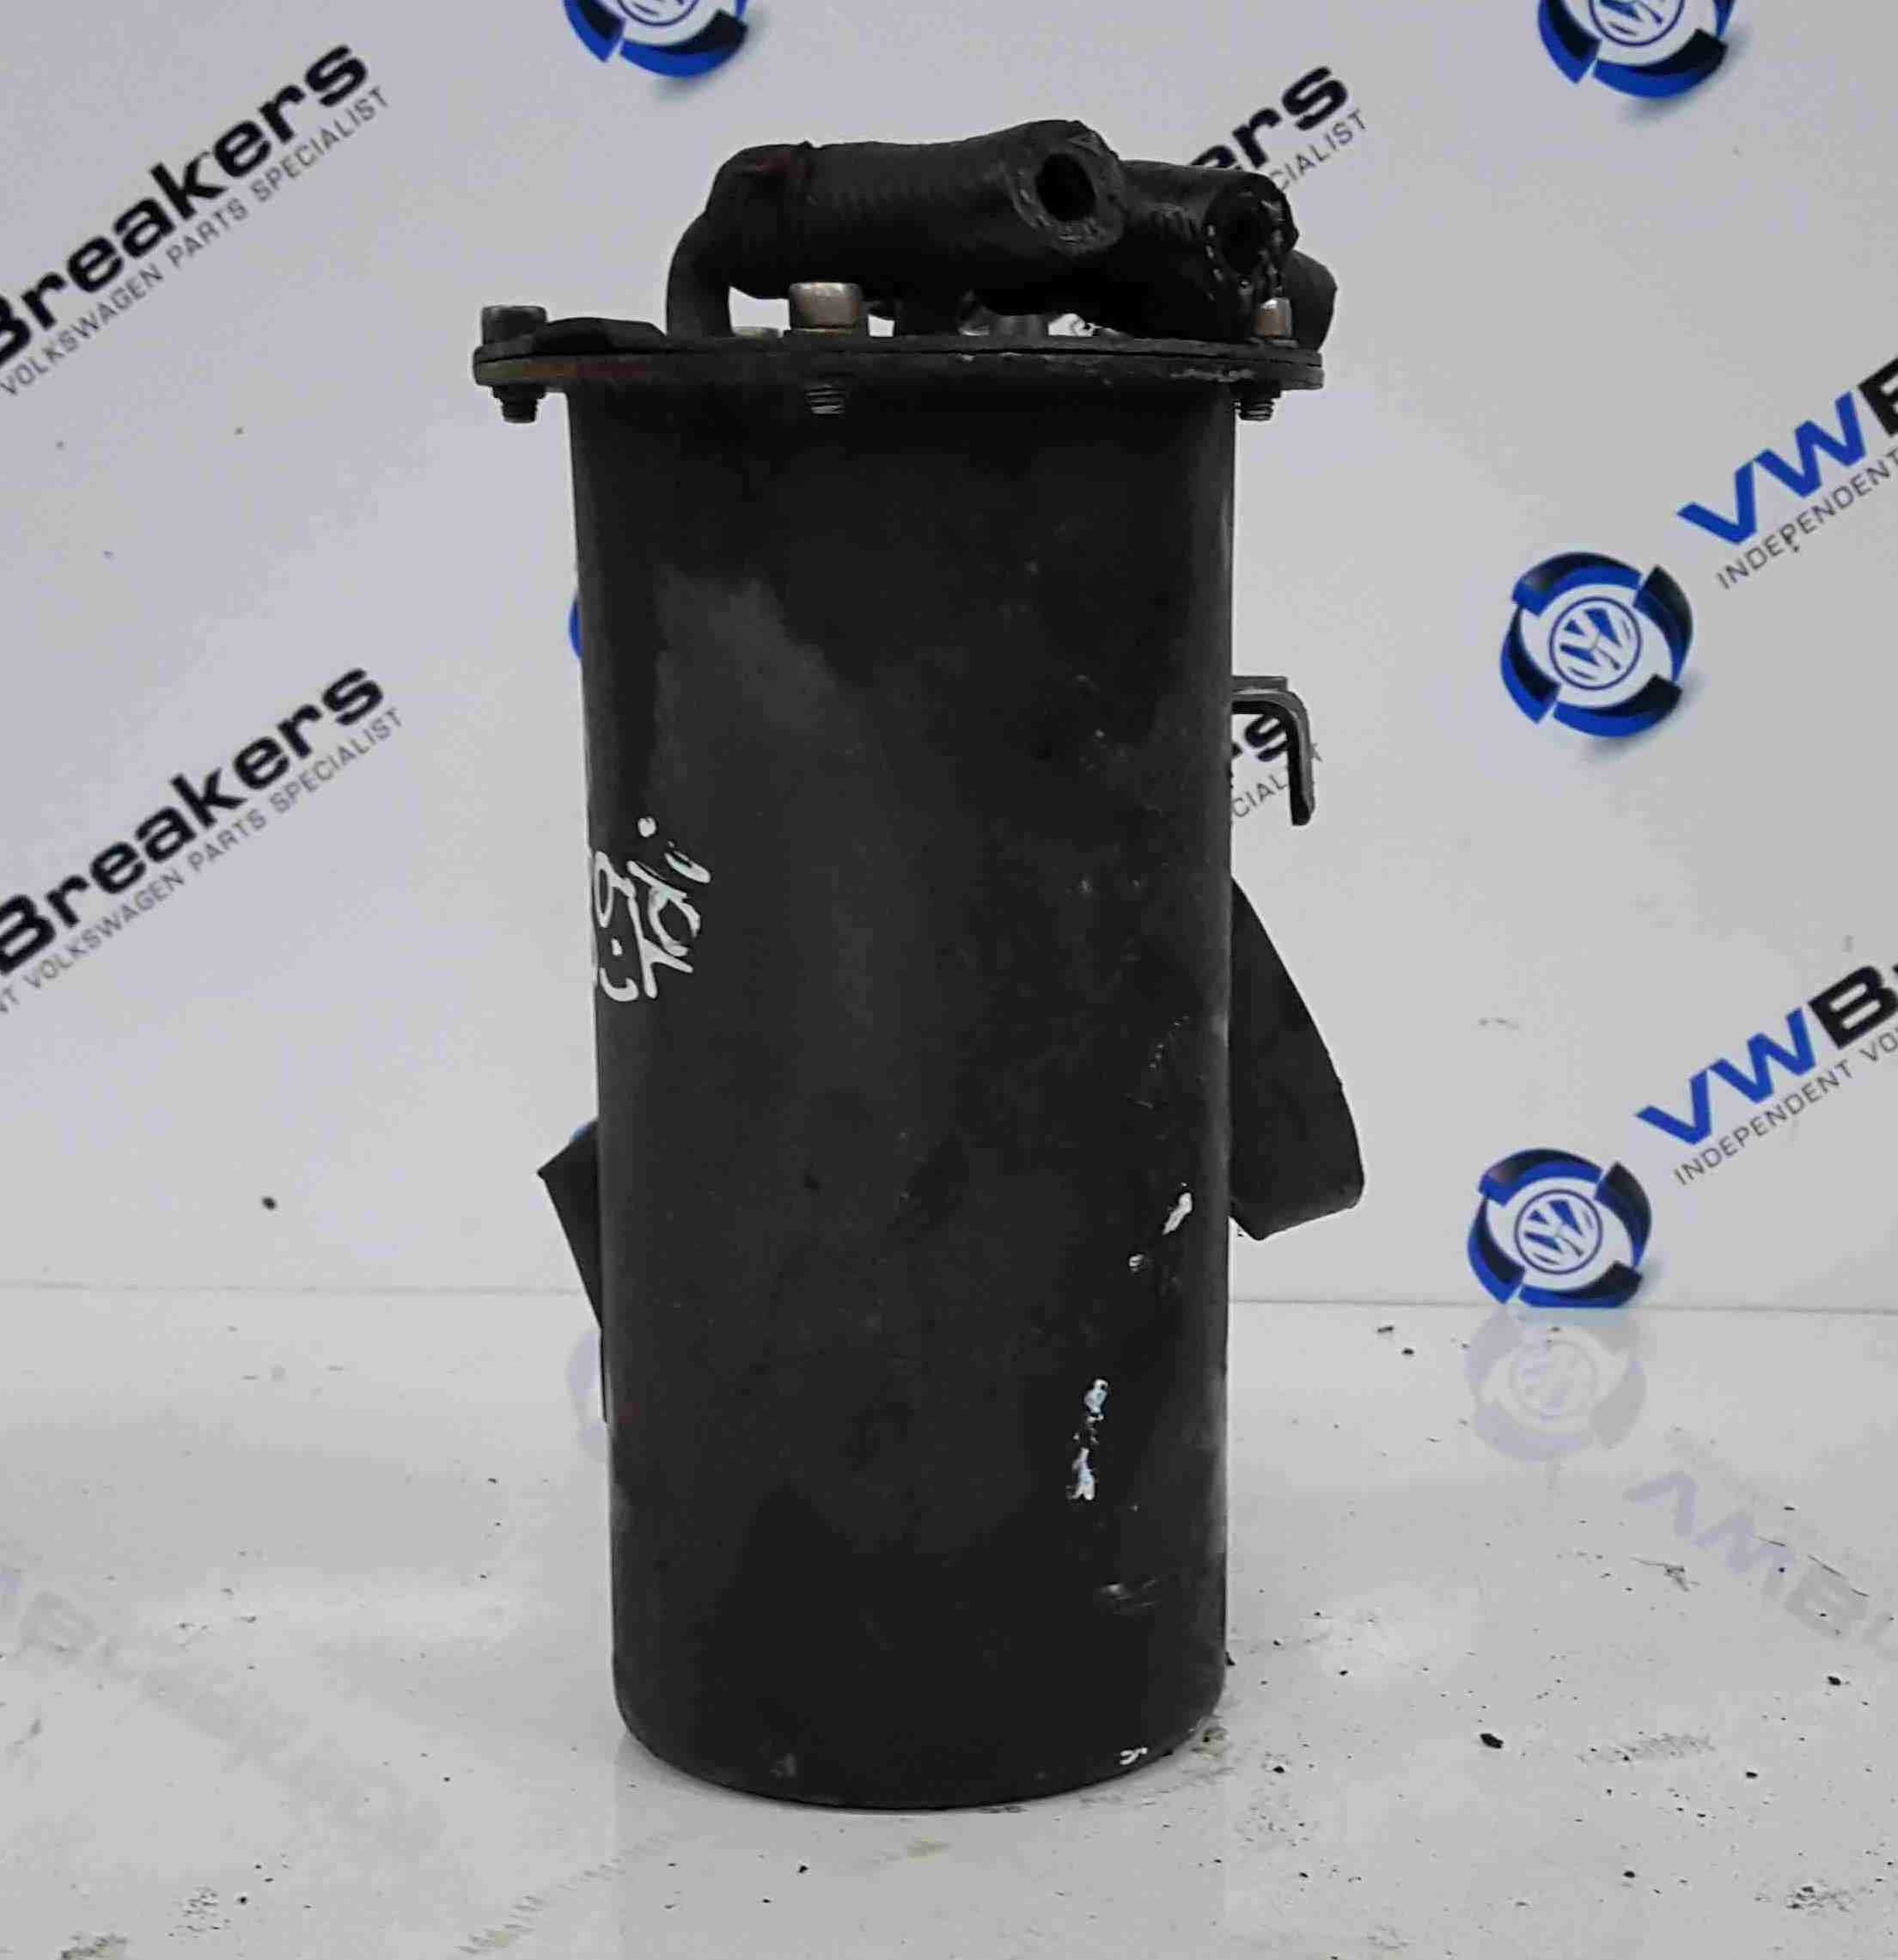 Volkswagen Passat B6 2005-2010 Fuel Filter Housing 3C0127400C